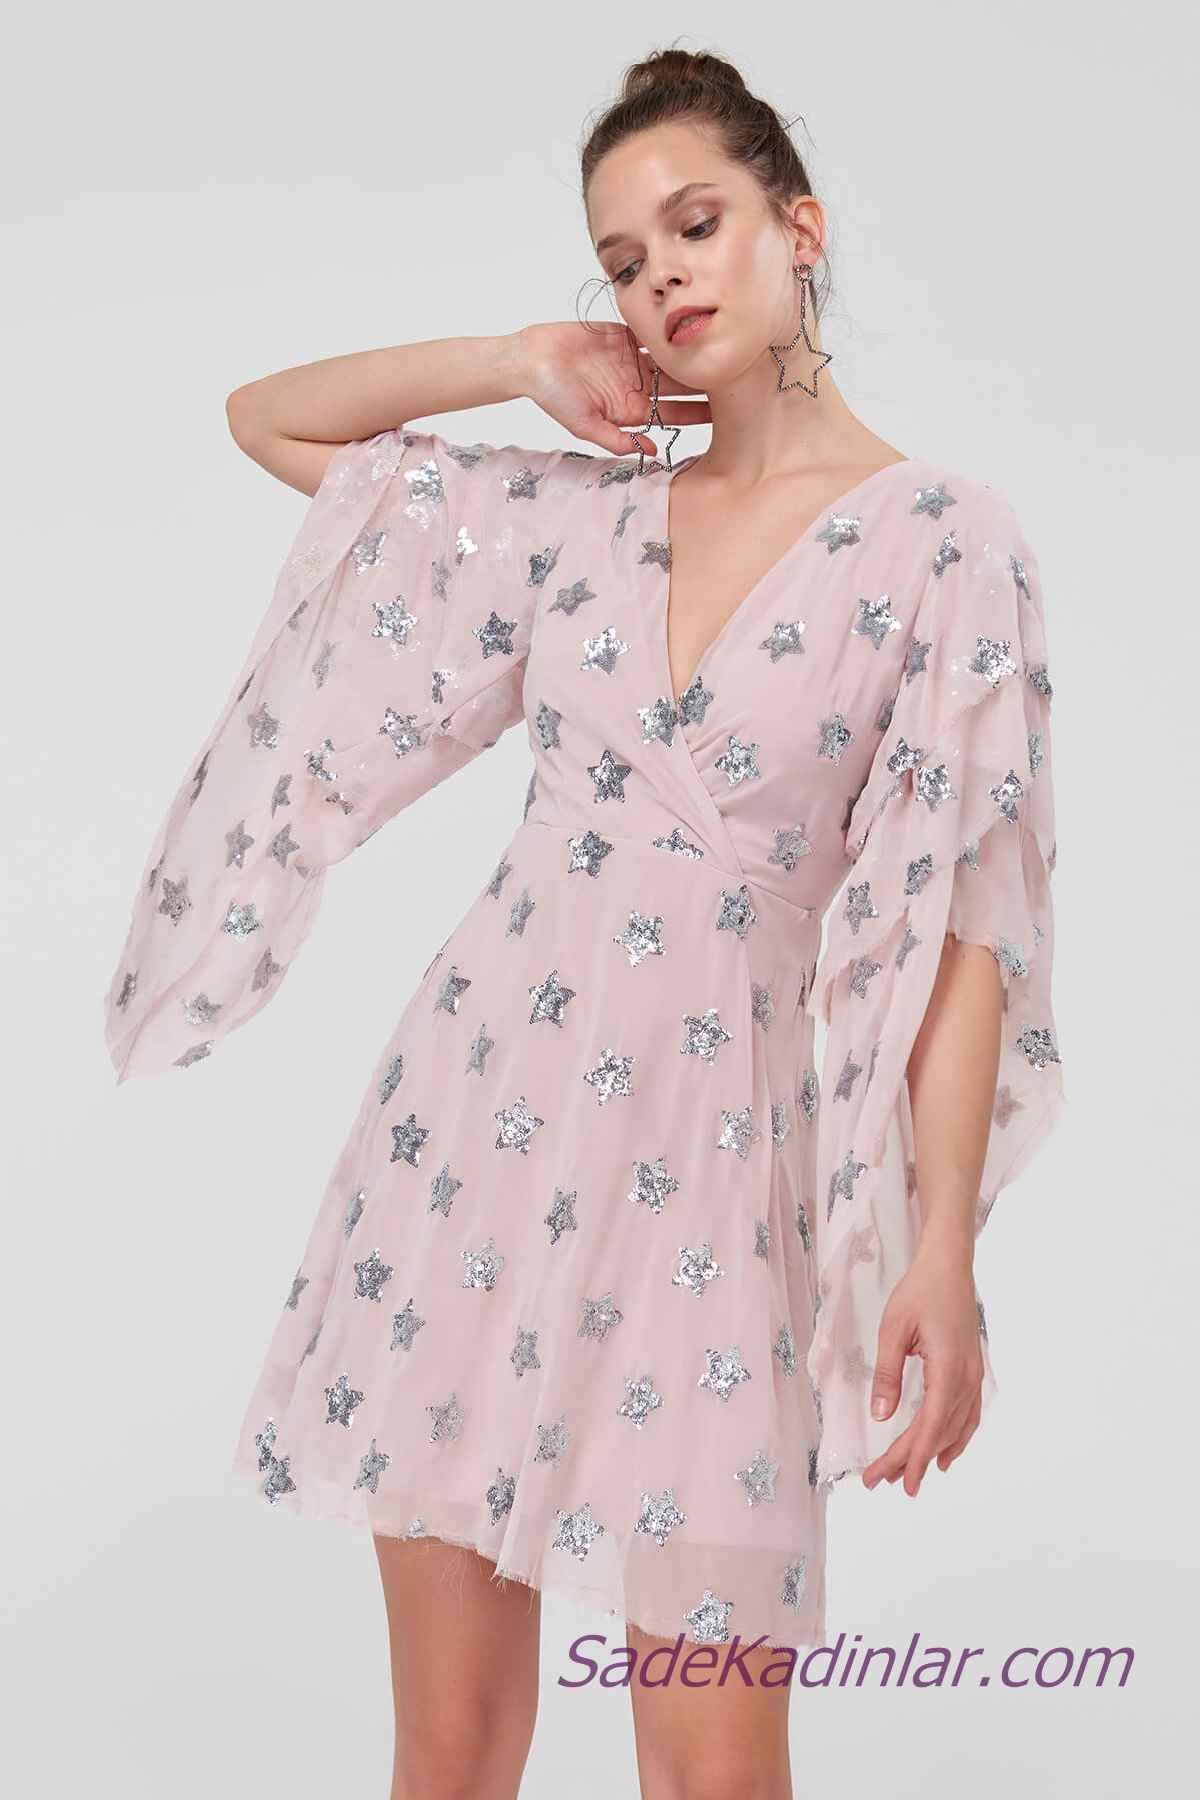 2021 abiye elbise modelleri pembe kisa v yakali yetim kol yildiz baski detayli kiyafet kombinleri elbise elbise modelleri moda stilleri